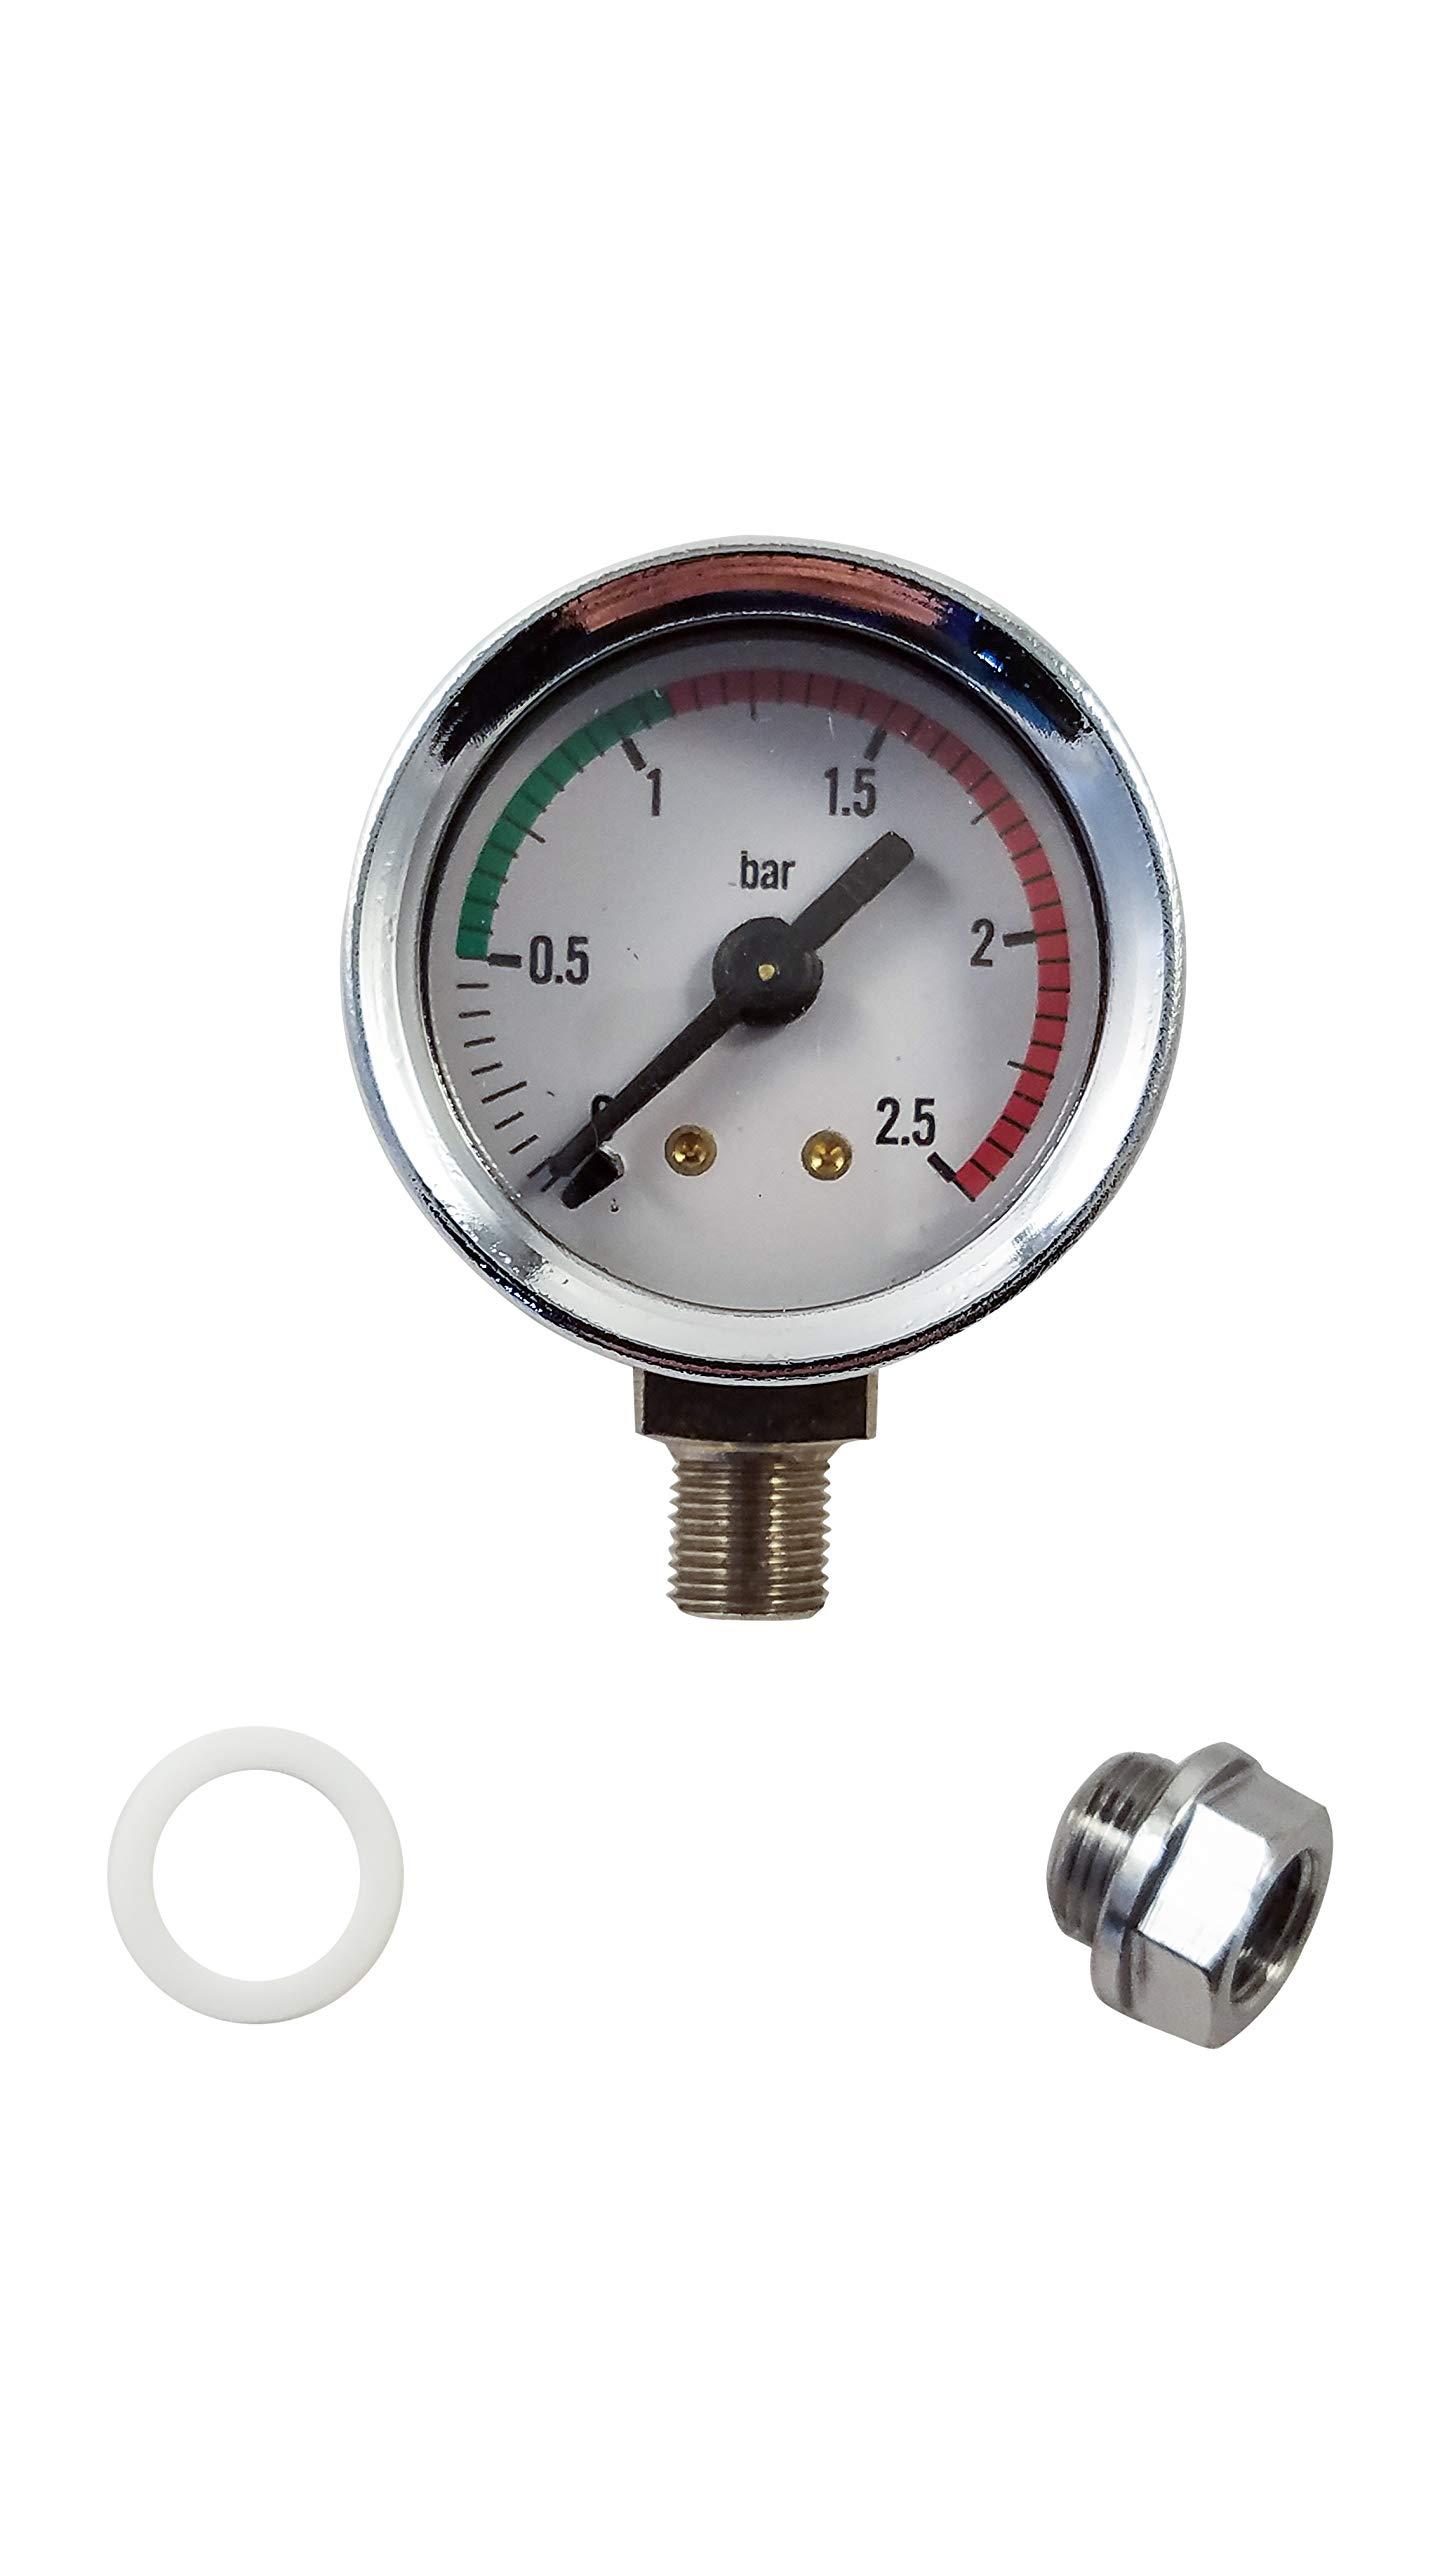 La Pavoni Espresso Machine Boiler Pressure Upgrade Kit - Chrome - For Lever Pre and Post Millennium Europiccola